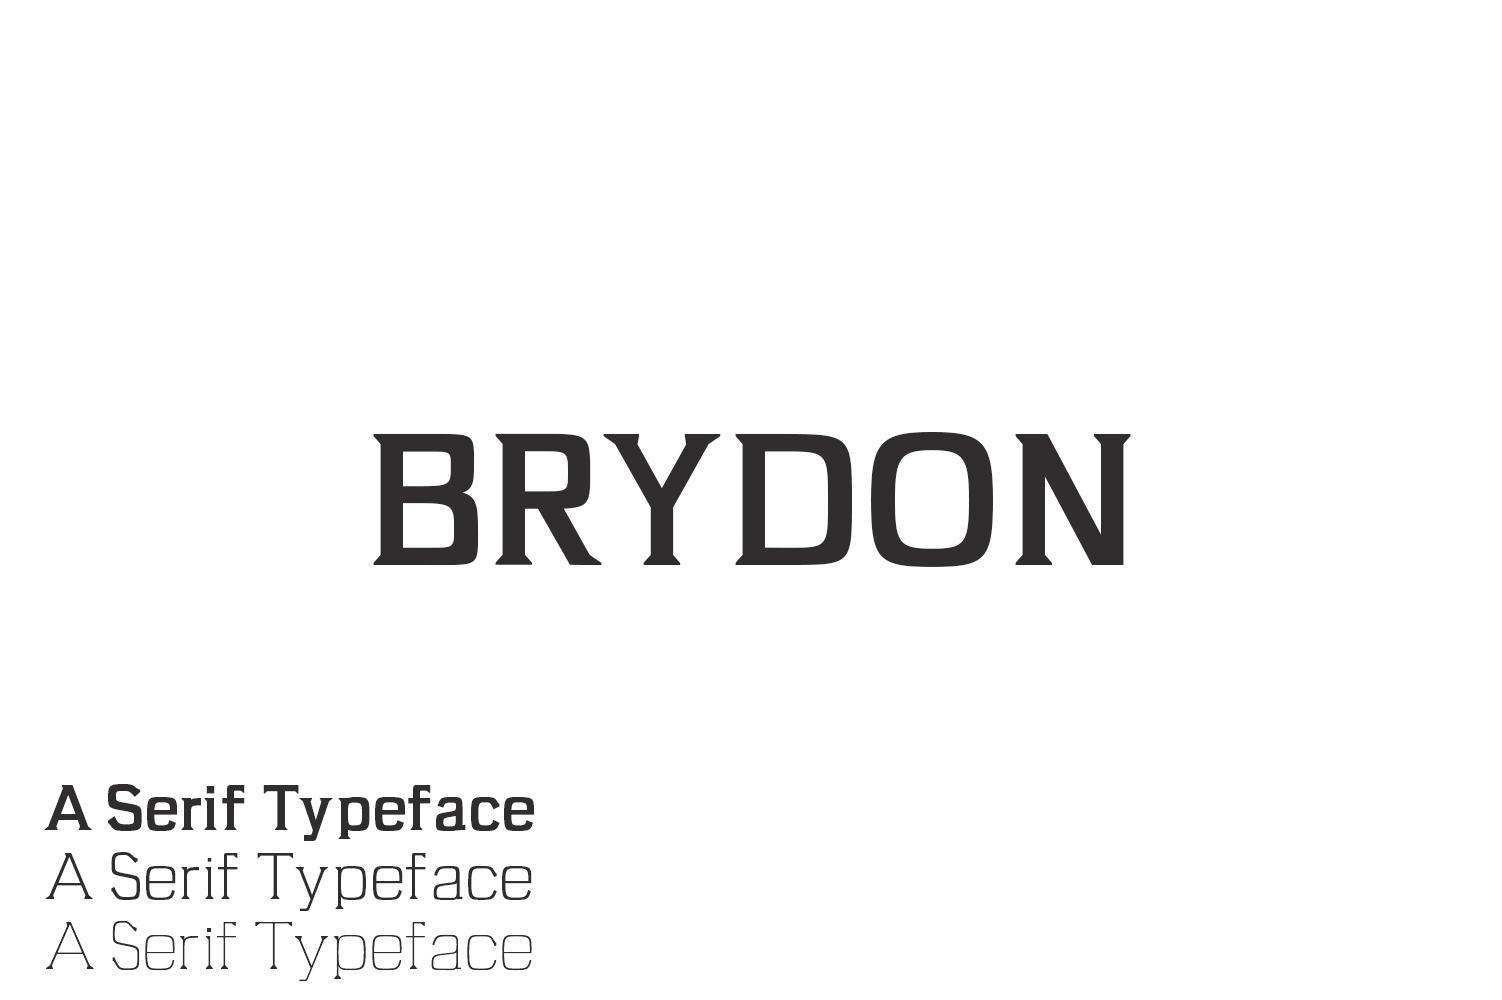 Brydon Serif Typeface example image 1